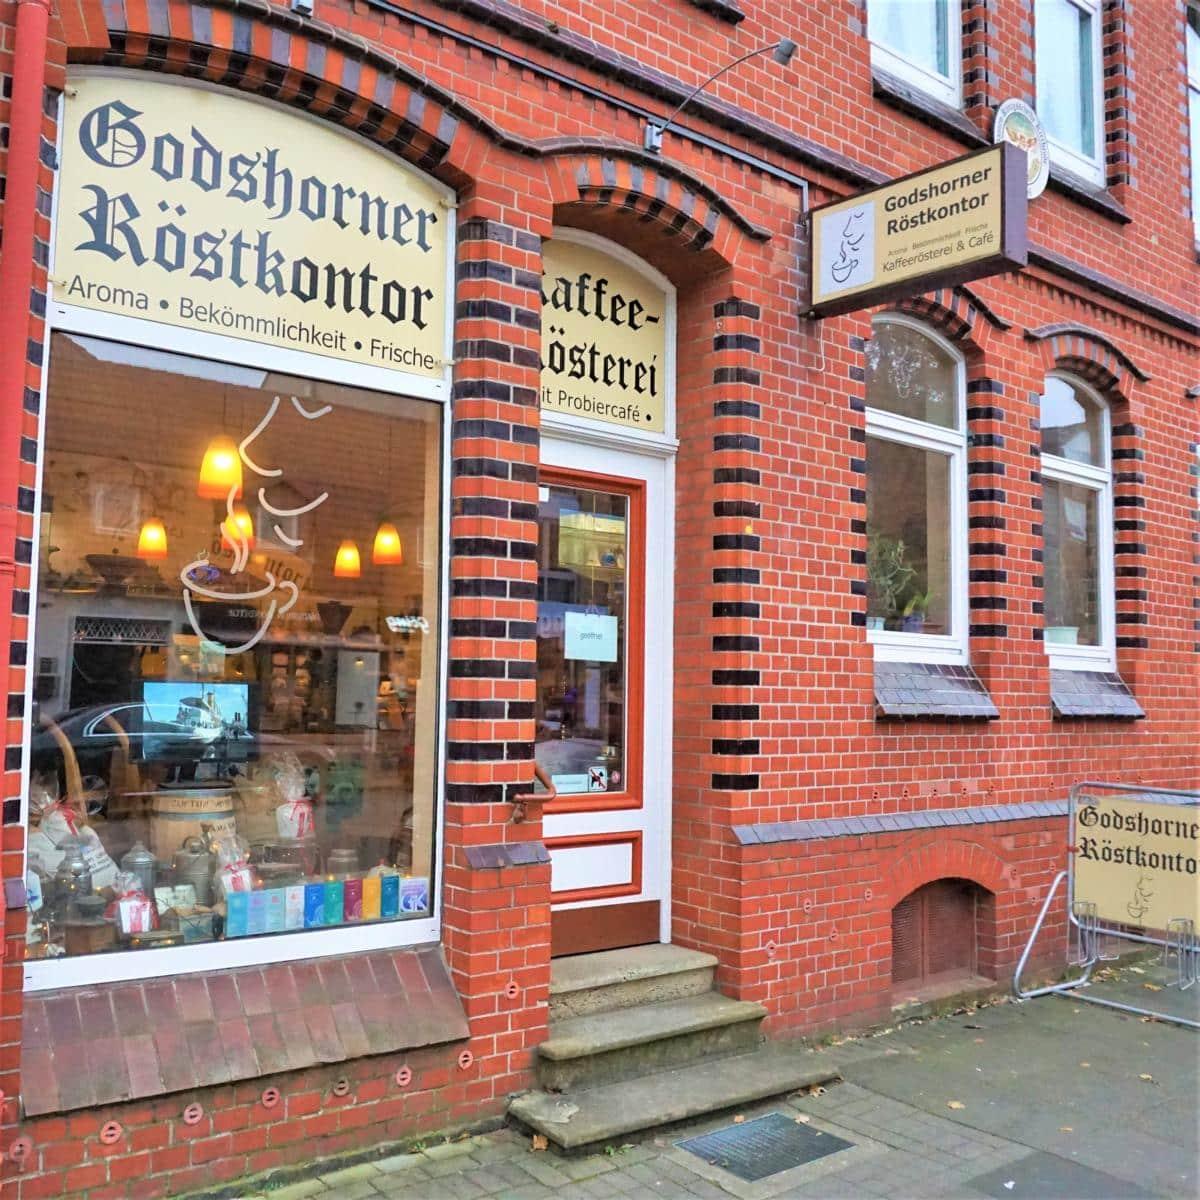 Style Hannover Godshorner Röstkontor 1 - Godshorner Röstkontor –  Slow Food Kaffee in Kirchrode